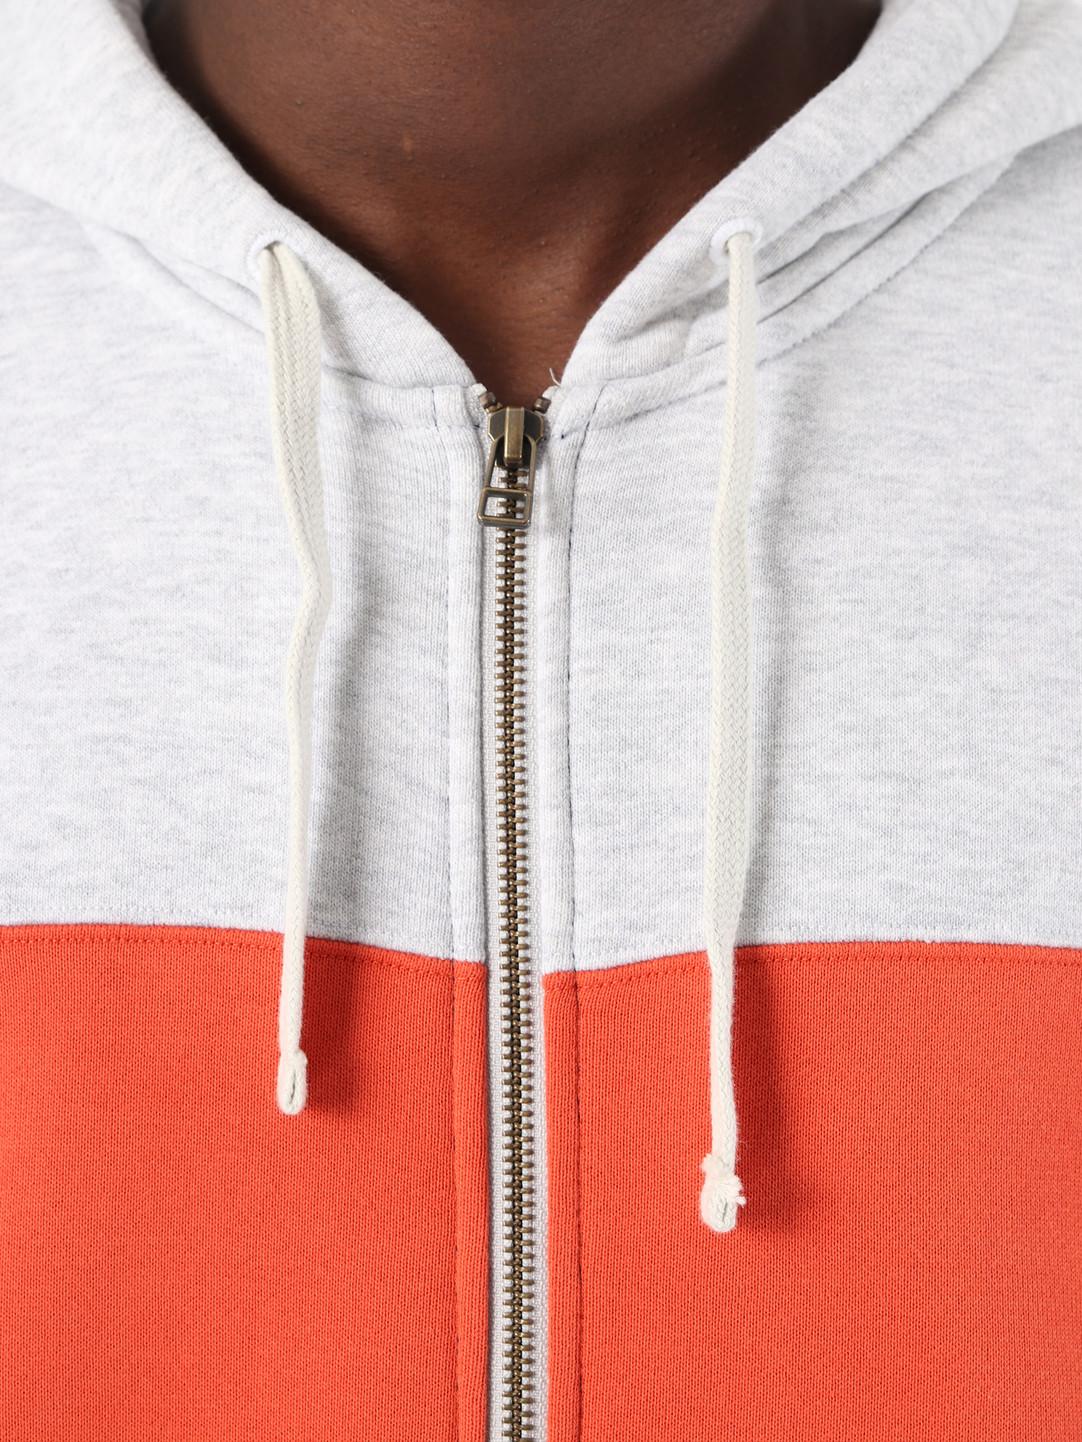 adidas adidas Full Zip Hoody Grey Navy DV3145